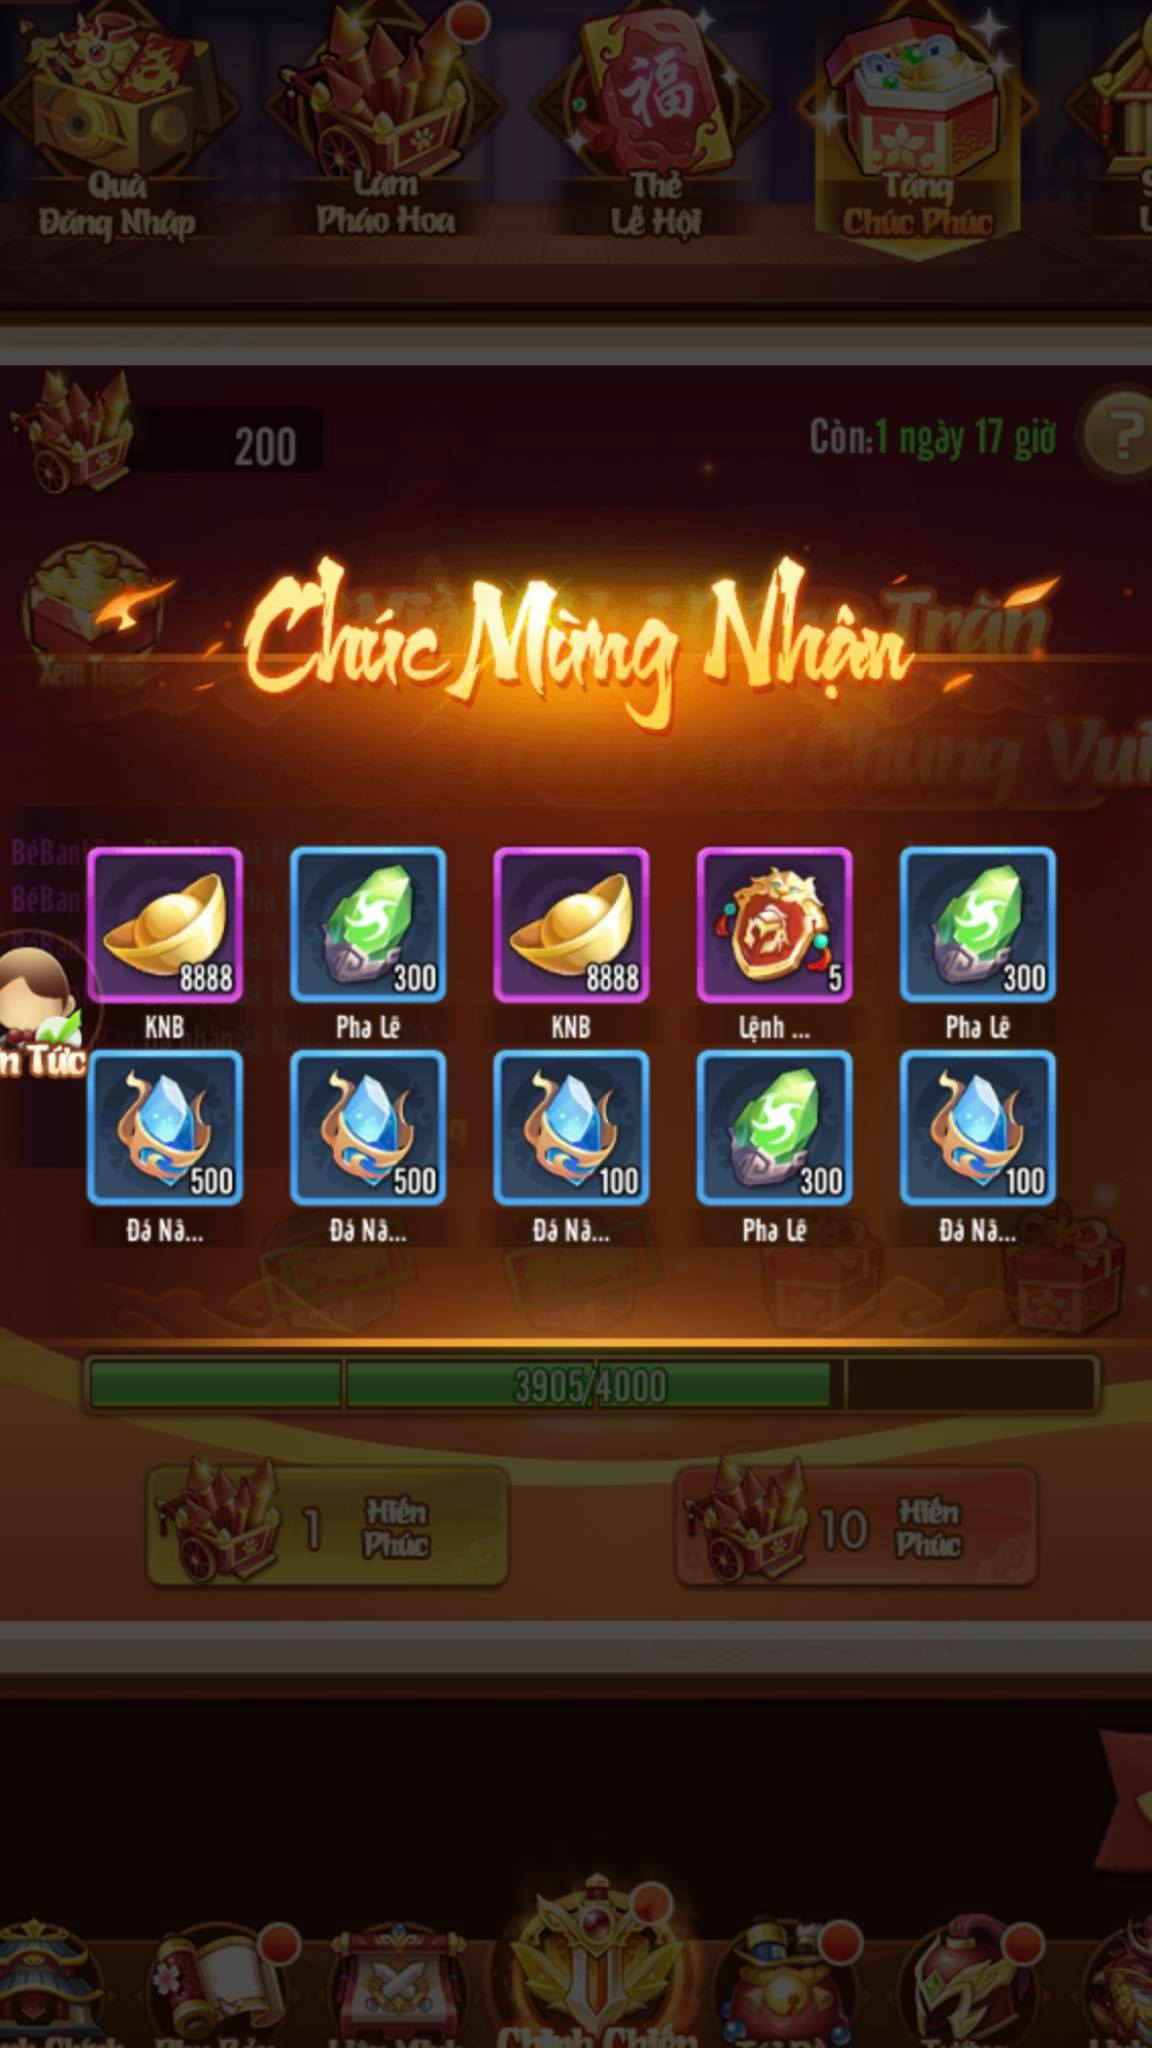 Tựa game hở ra 1 cái là tặng quà, lấy cớ tặng quà liên tục, tặng toàn tướng xịn, nổ cả chục ngàn KNB khiến game thủ không kịp trở tay - Ảnh 6.